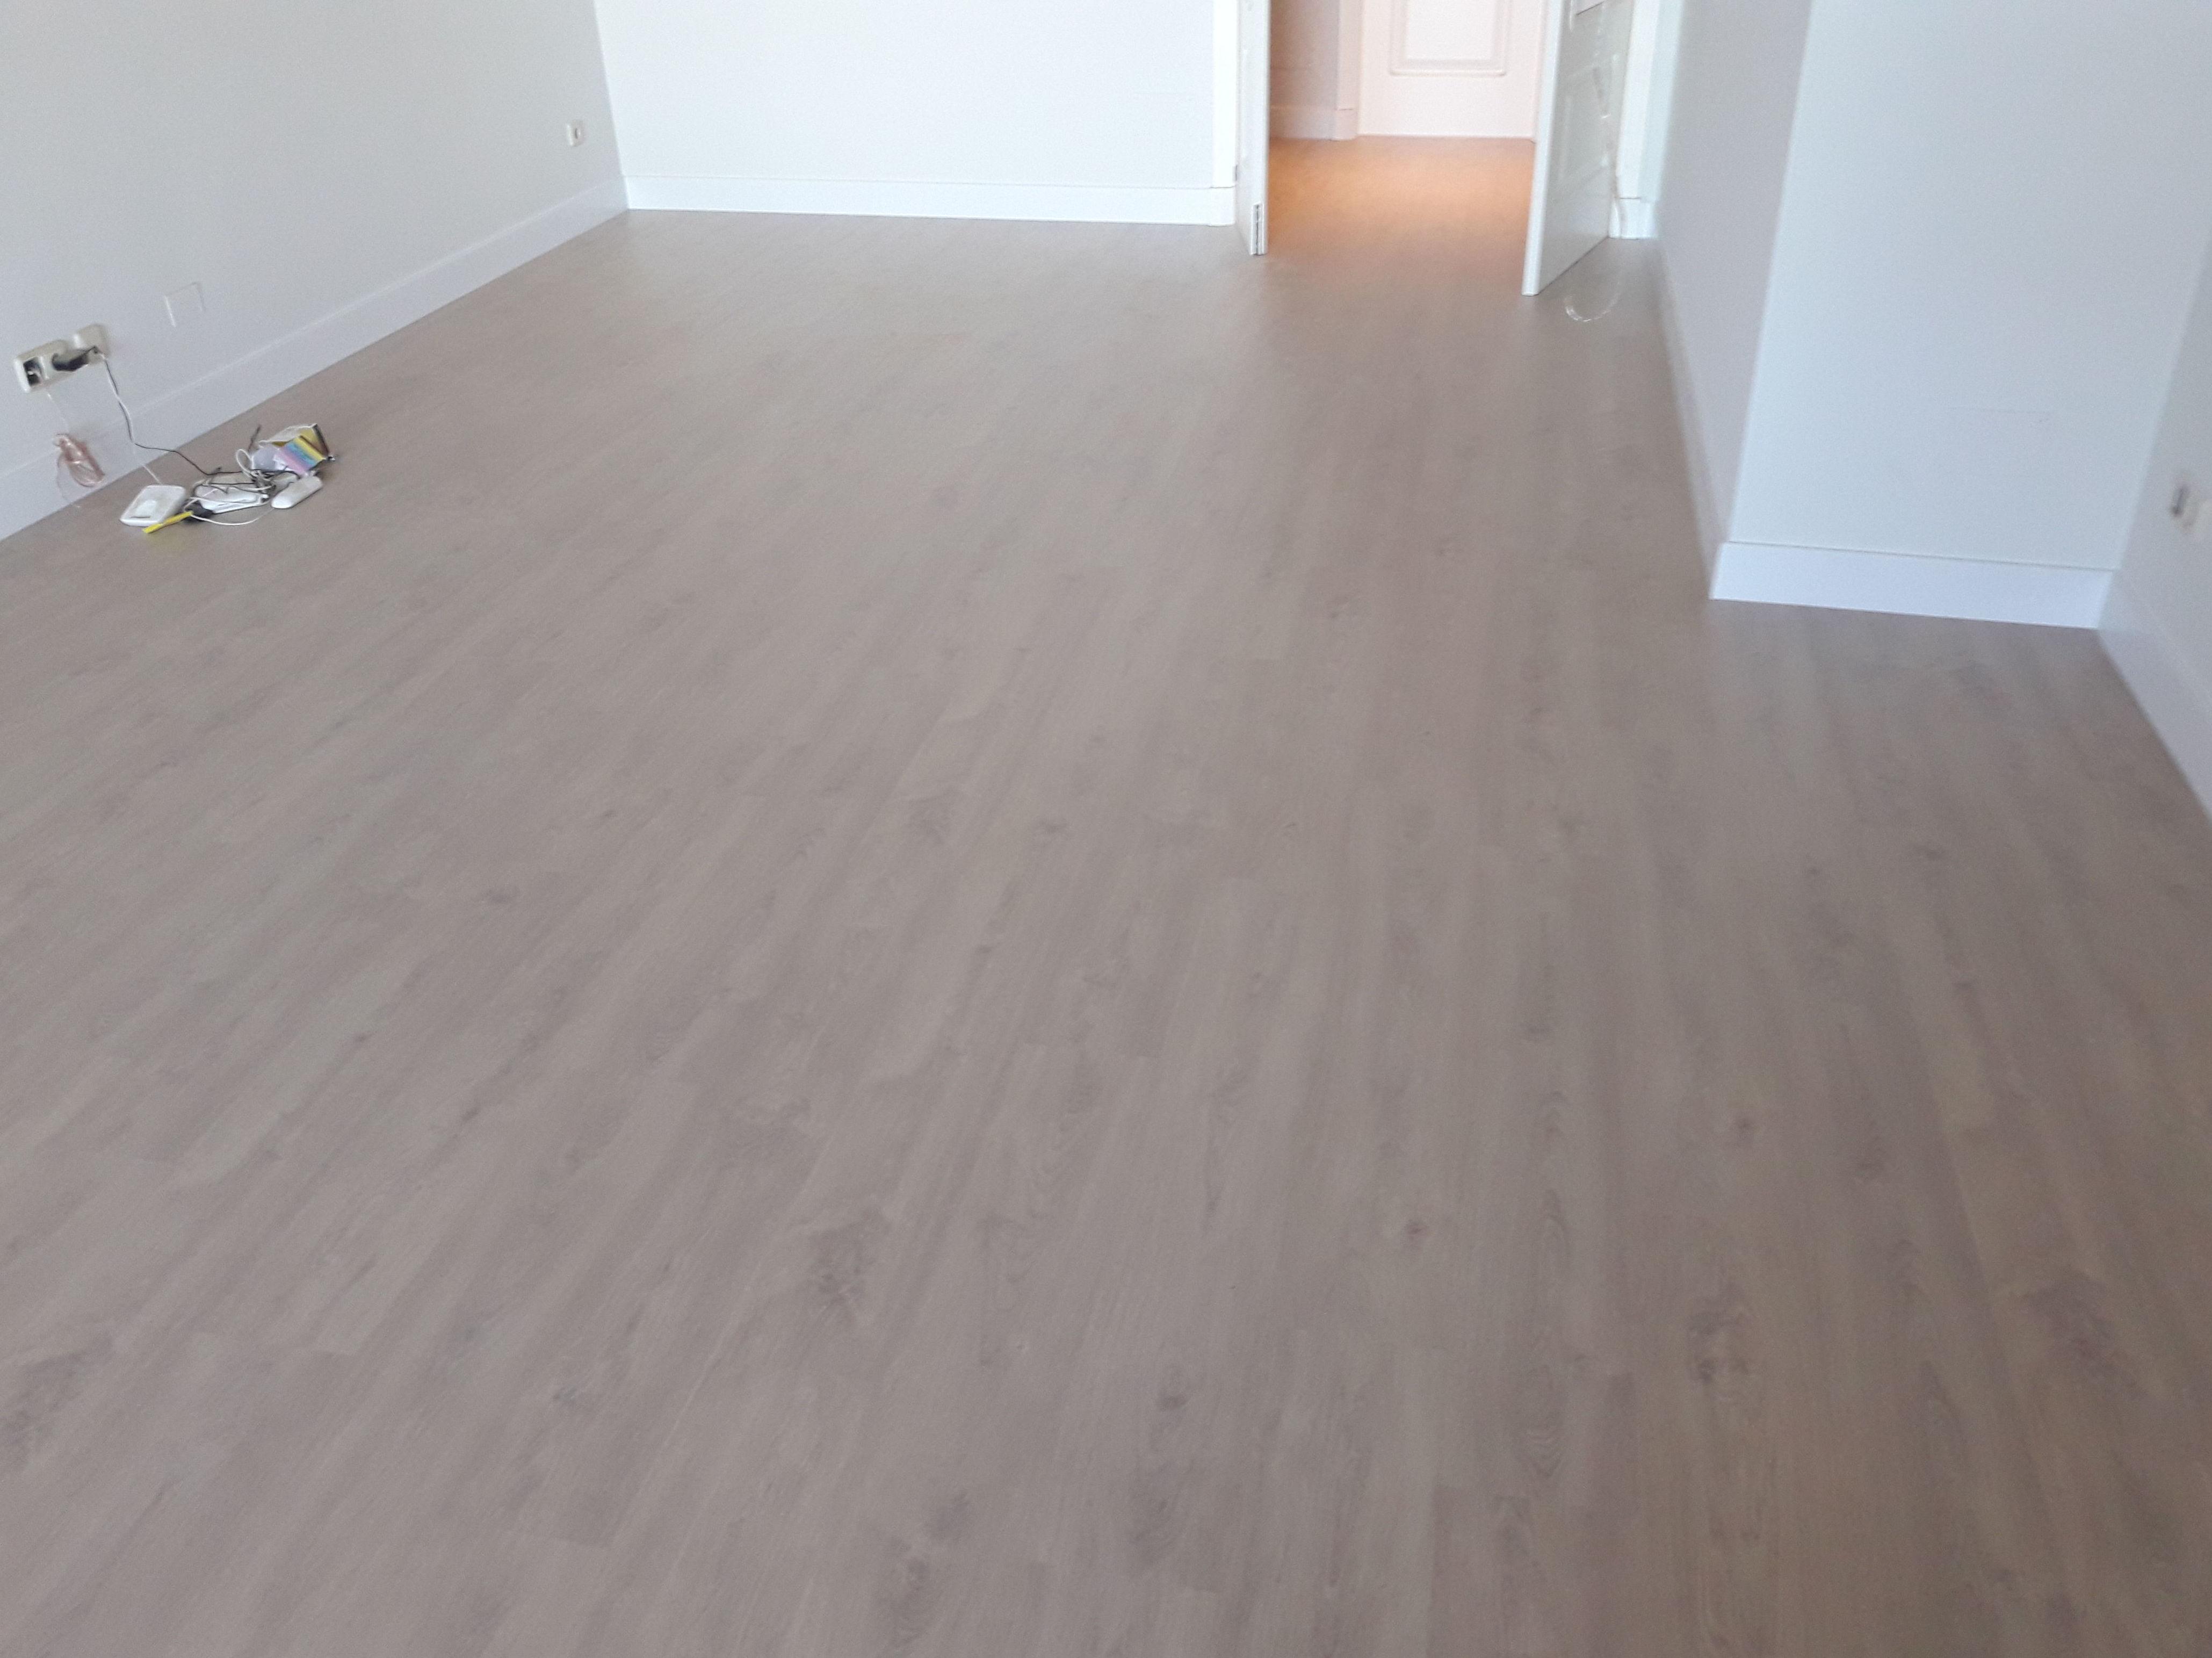 Foto 67 de tarimas y suelos laminados en estepona instalador de pavimentos tarimas y suelos - Suelos laminados malaga ...